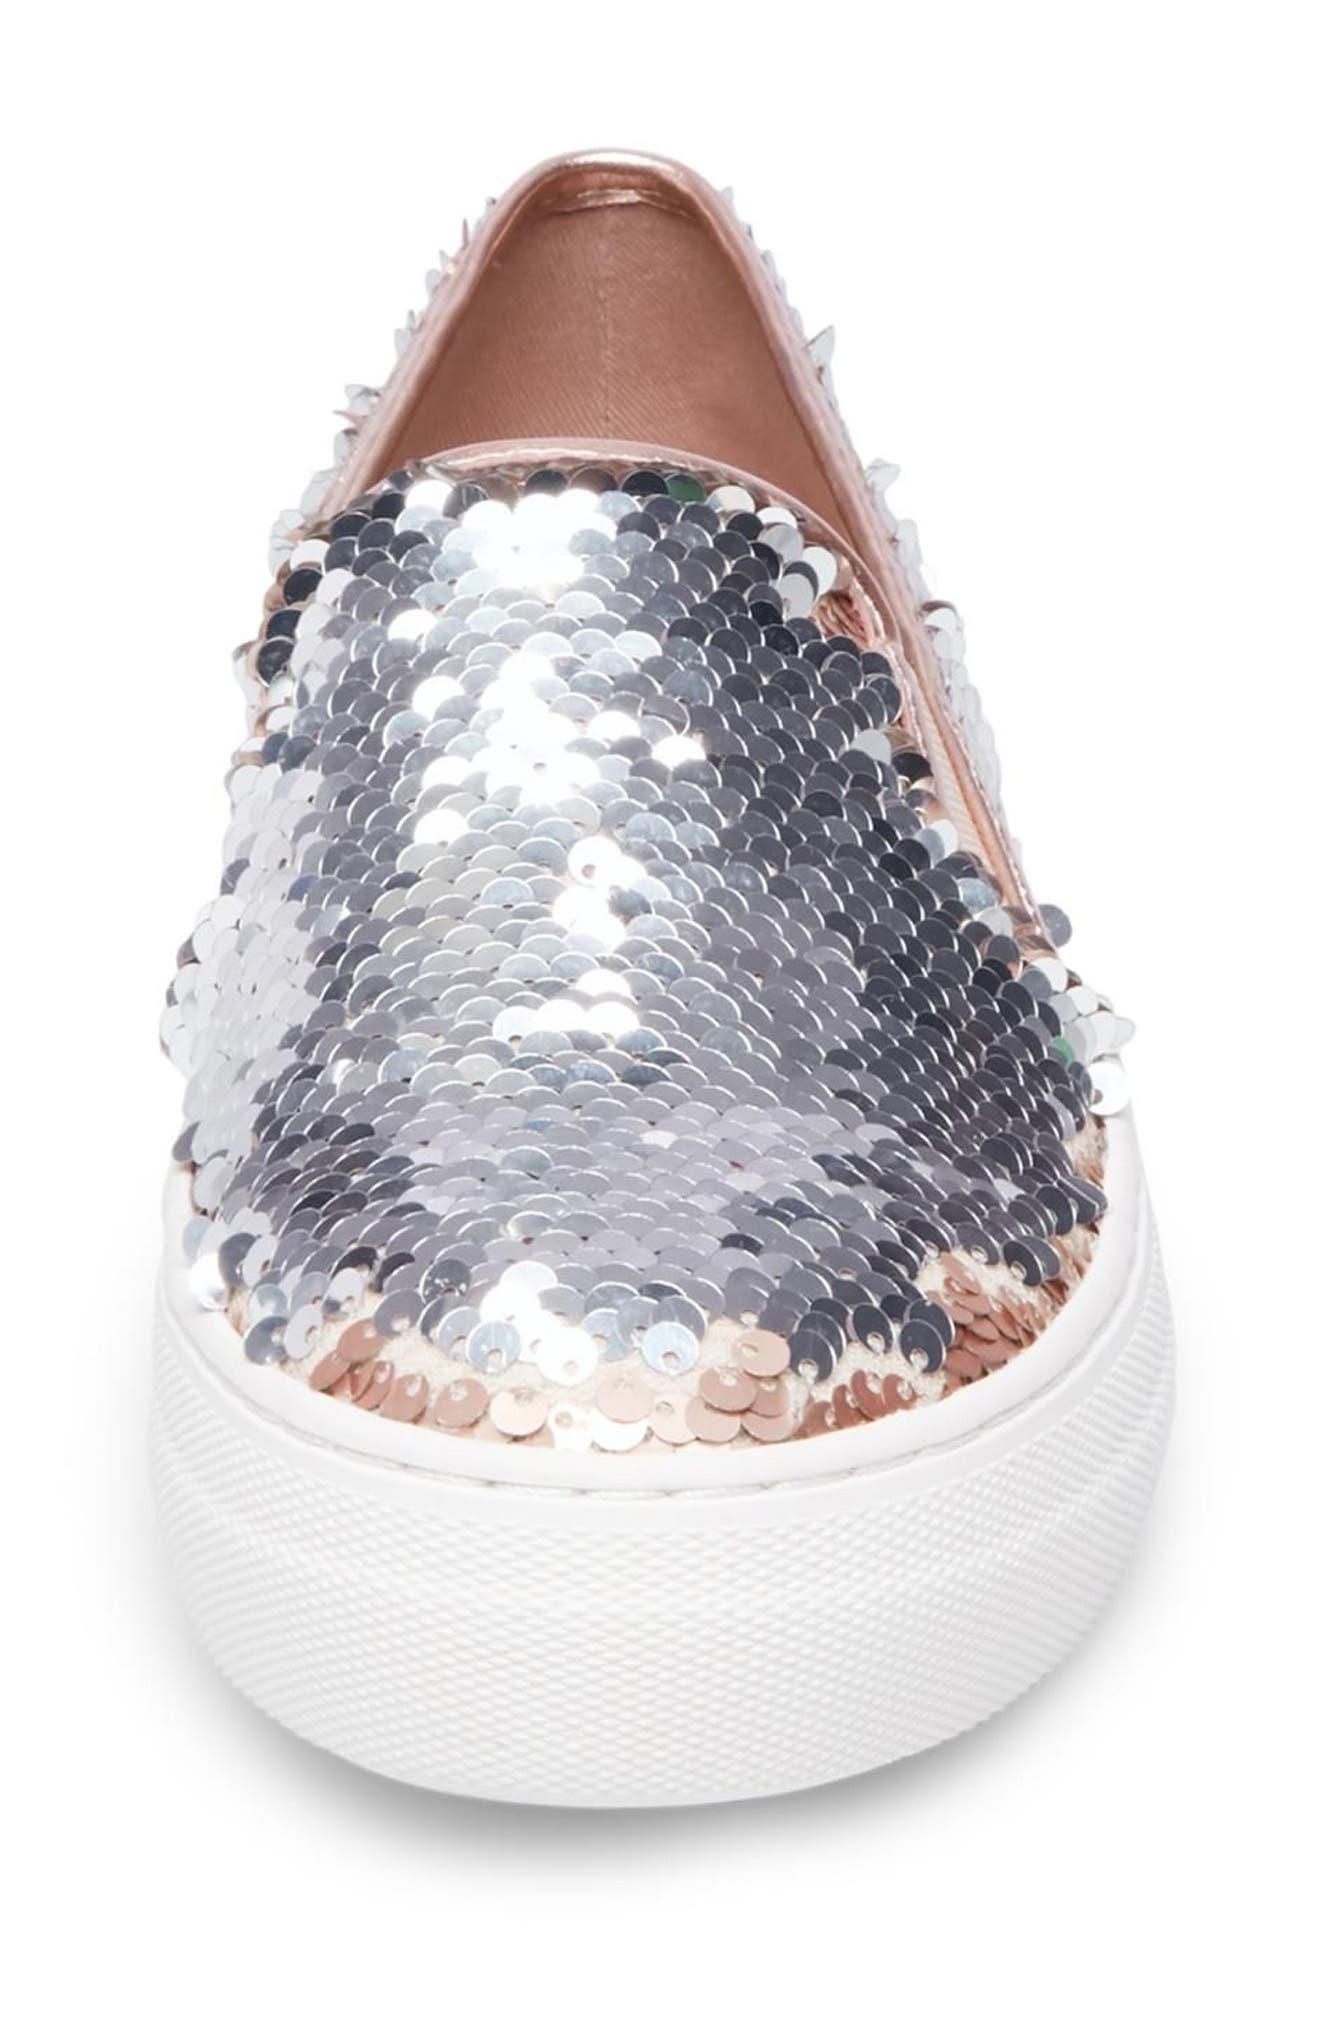 Gills Sequined Slip-On Platform Sneaker,                             Alternate thumbnail 8, color,